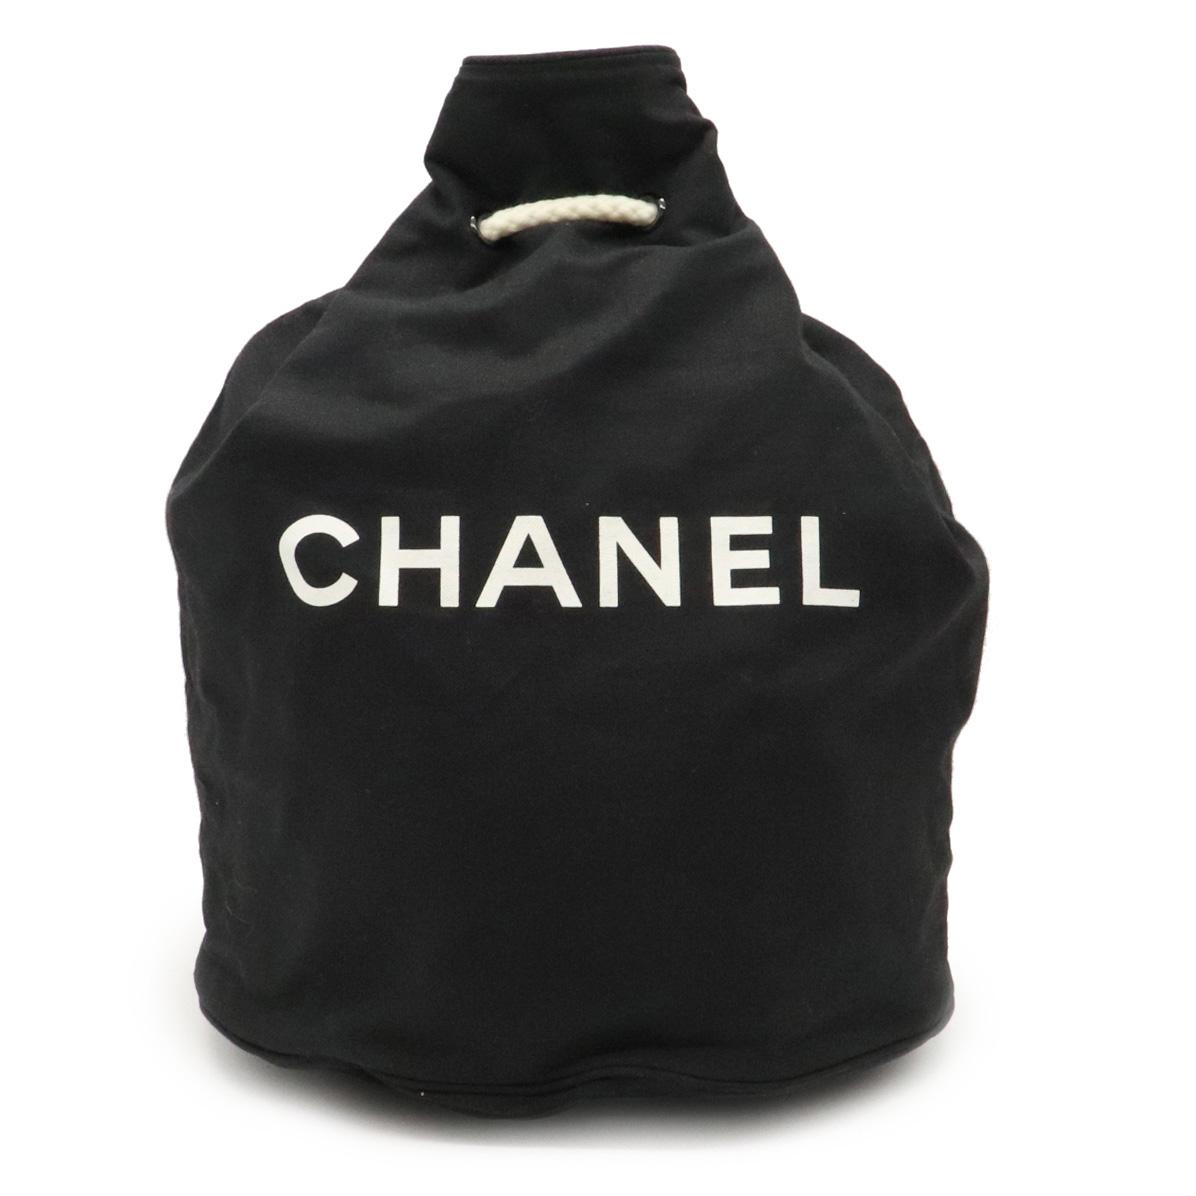 【バッグ】CHANEL シャネル ノベルティ ロゴプリント プールバッグ ショルダーバッグ 巾着バッグ スポーツ キャンバス 黒 ブラック 白 ホワイト 【中古】